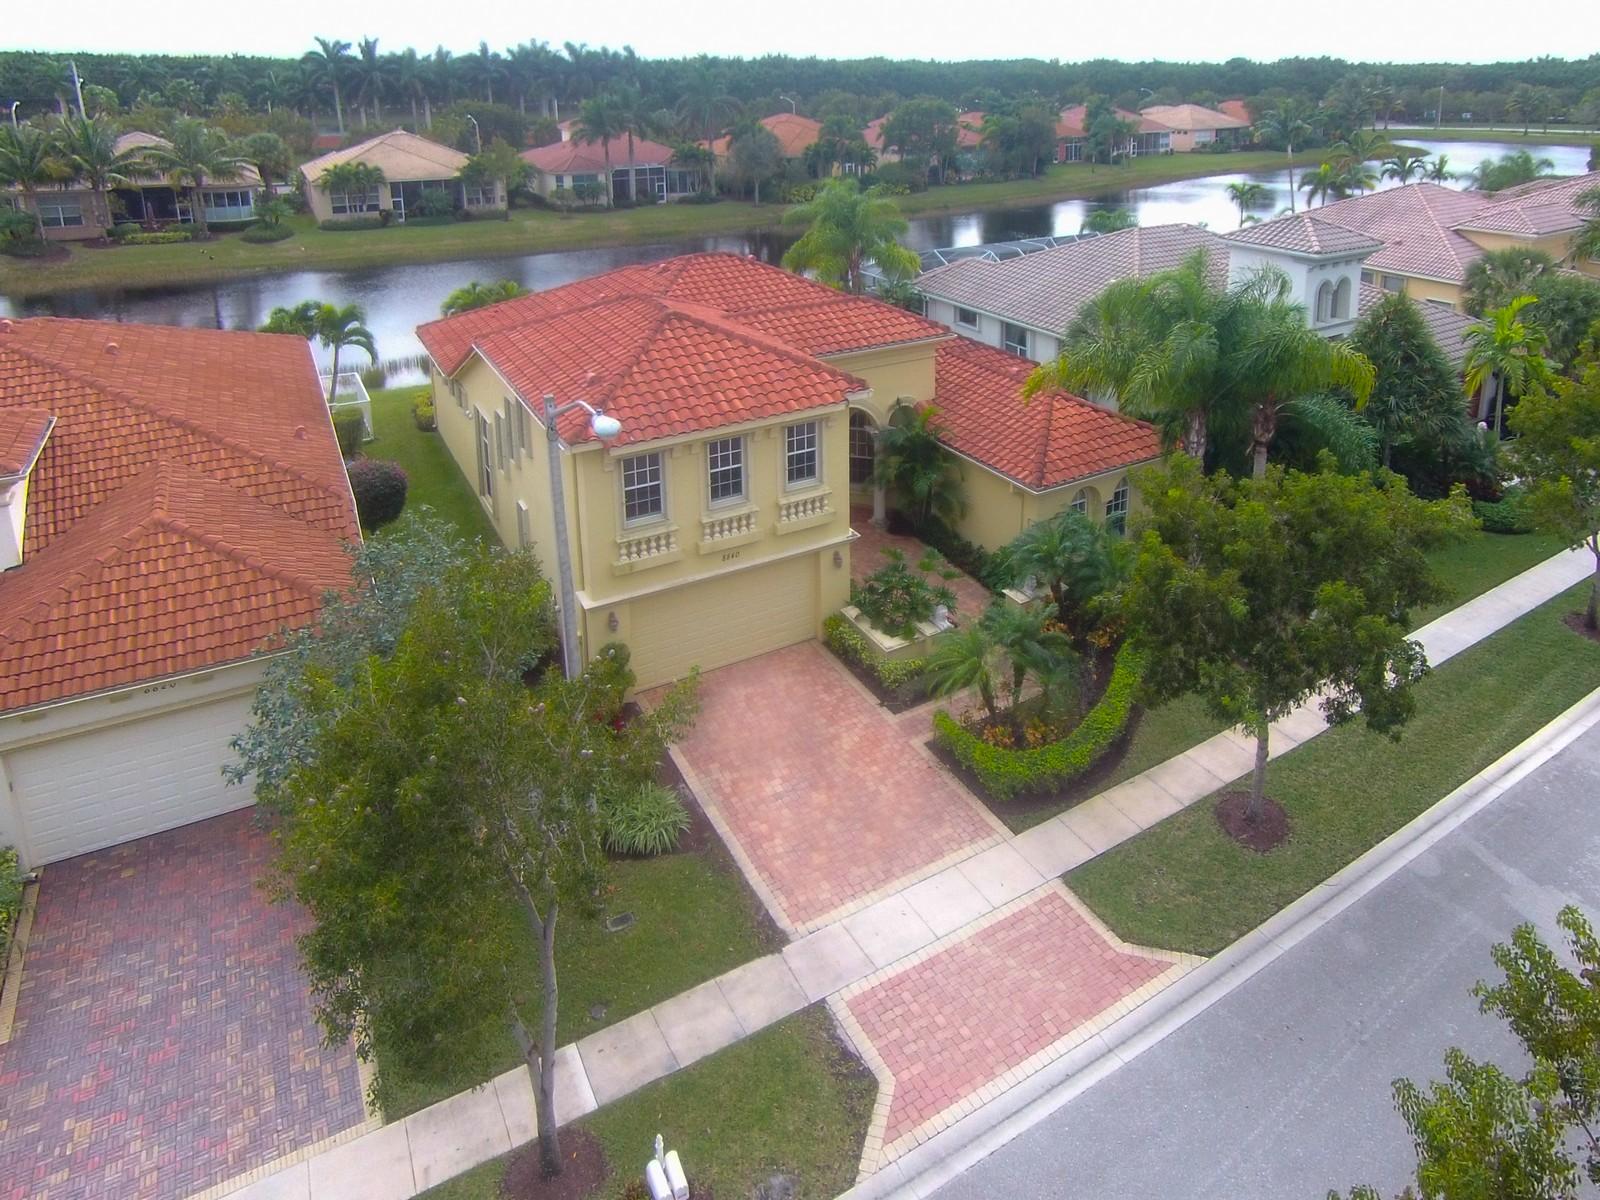 단독 가정 주택 용 매매 에 8840 Prestigio W Buena Vida, Wellington, 플로리다, 33414 미국